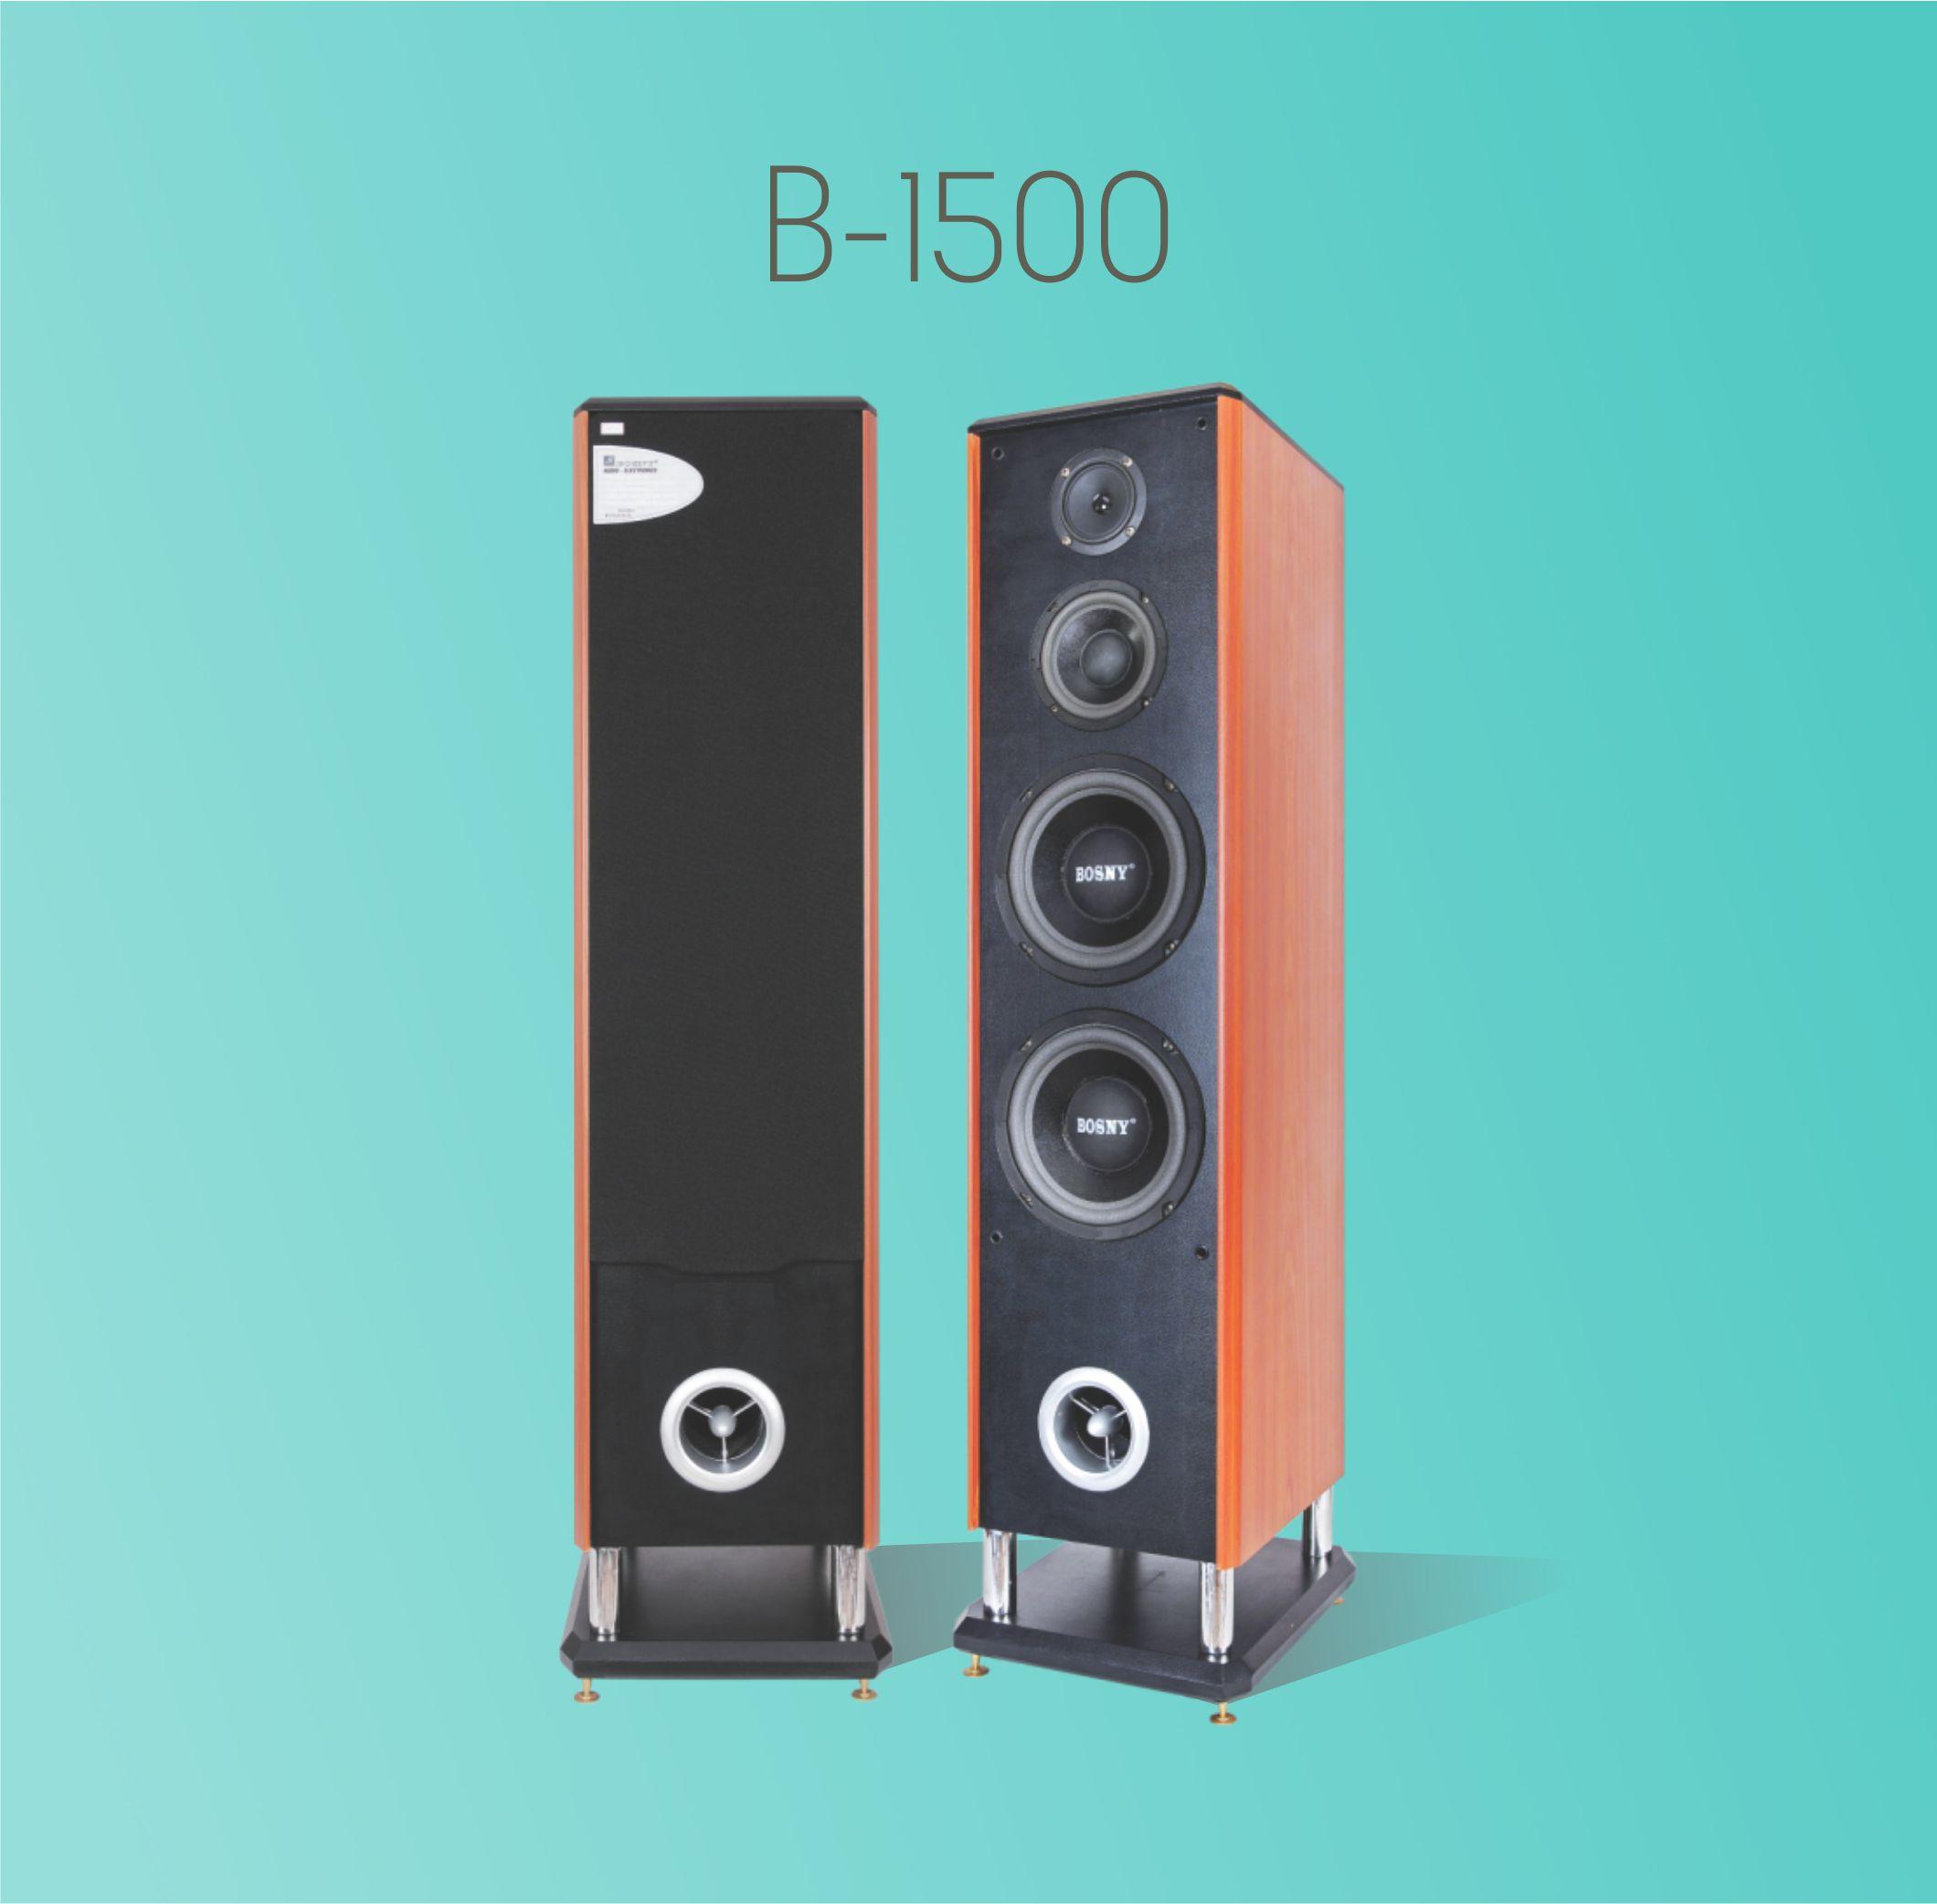 LOA ĐỨNG KARAOKE BOSNY B-1500 (Hàng chính hãng)